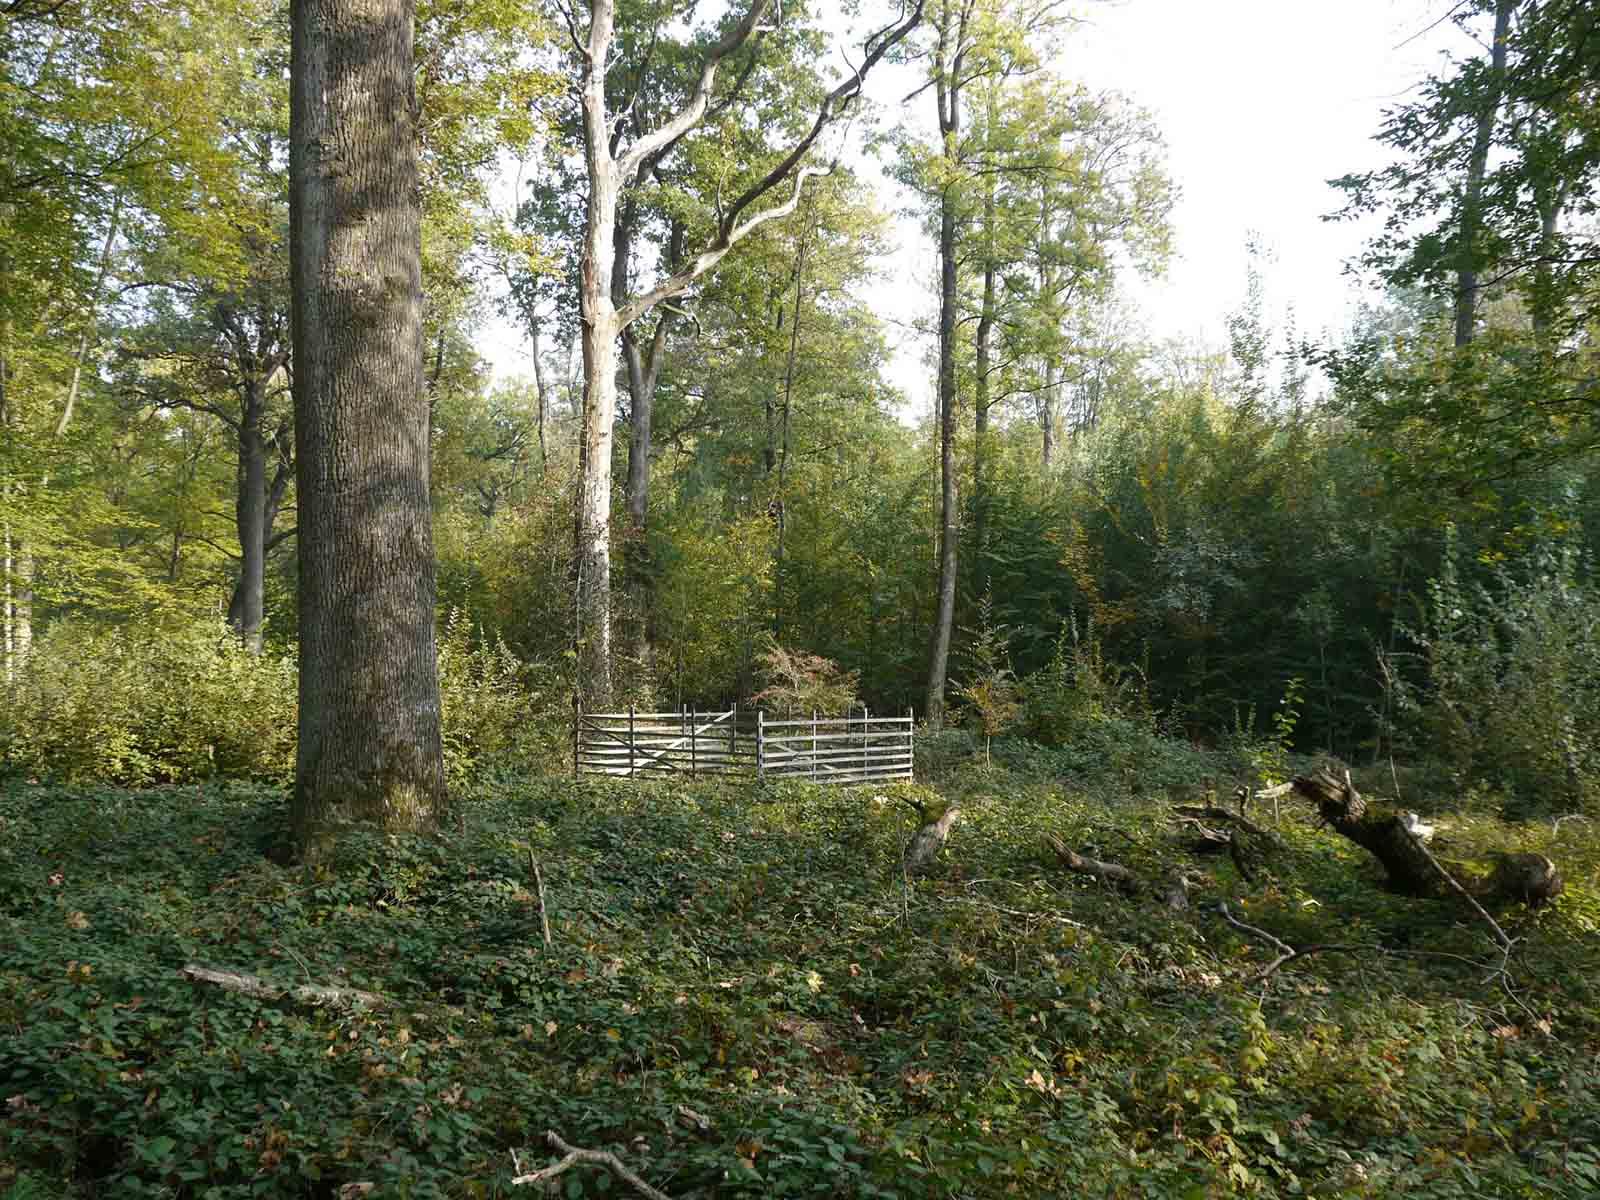 Der Mittelwald wurde angelegt, um zu zeigen, wie die ursprüngliche Waldform früherer Jahrhunderte aussah.